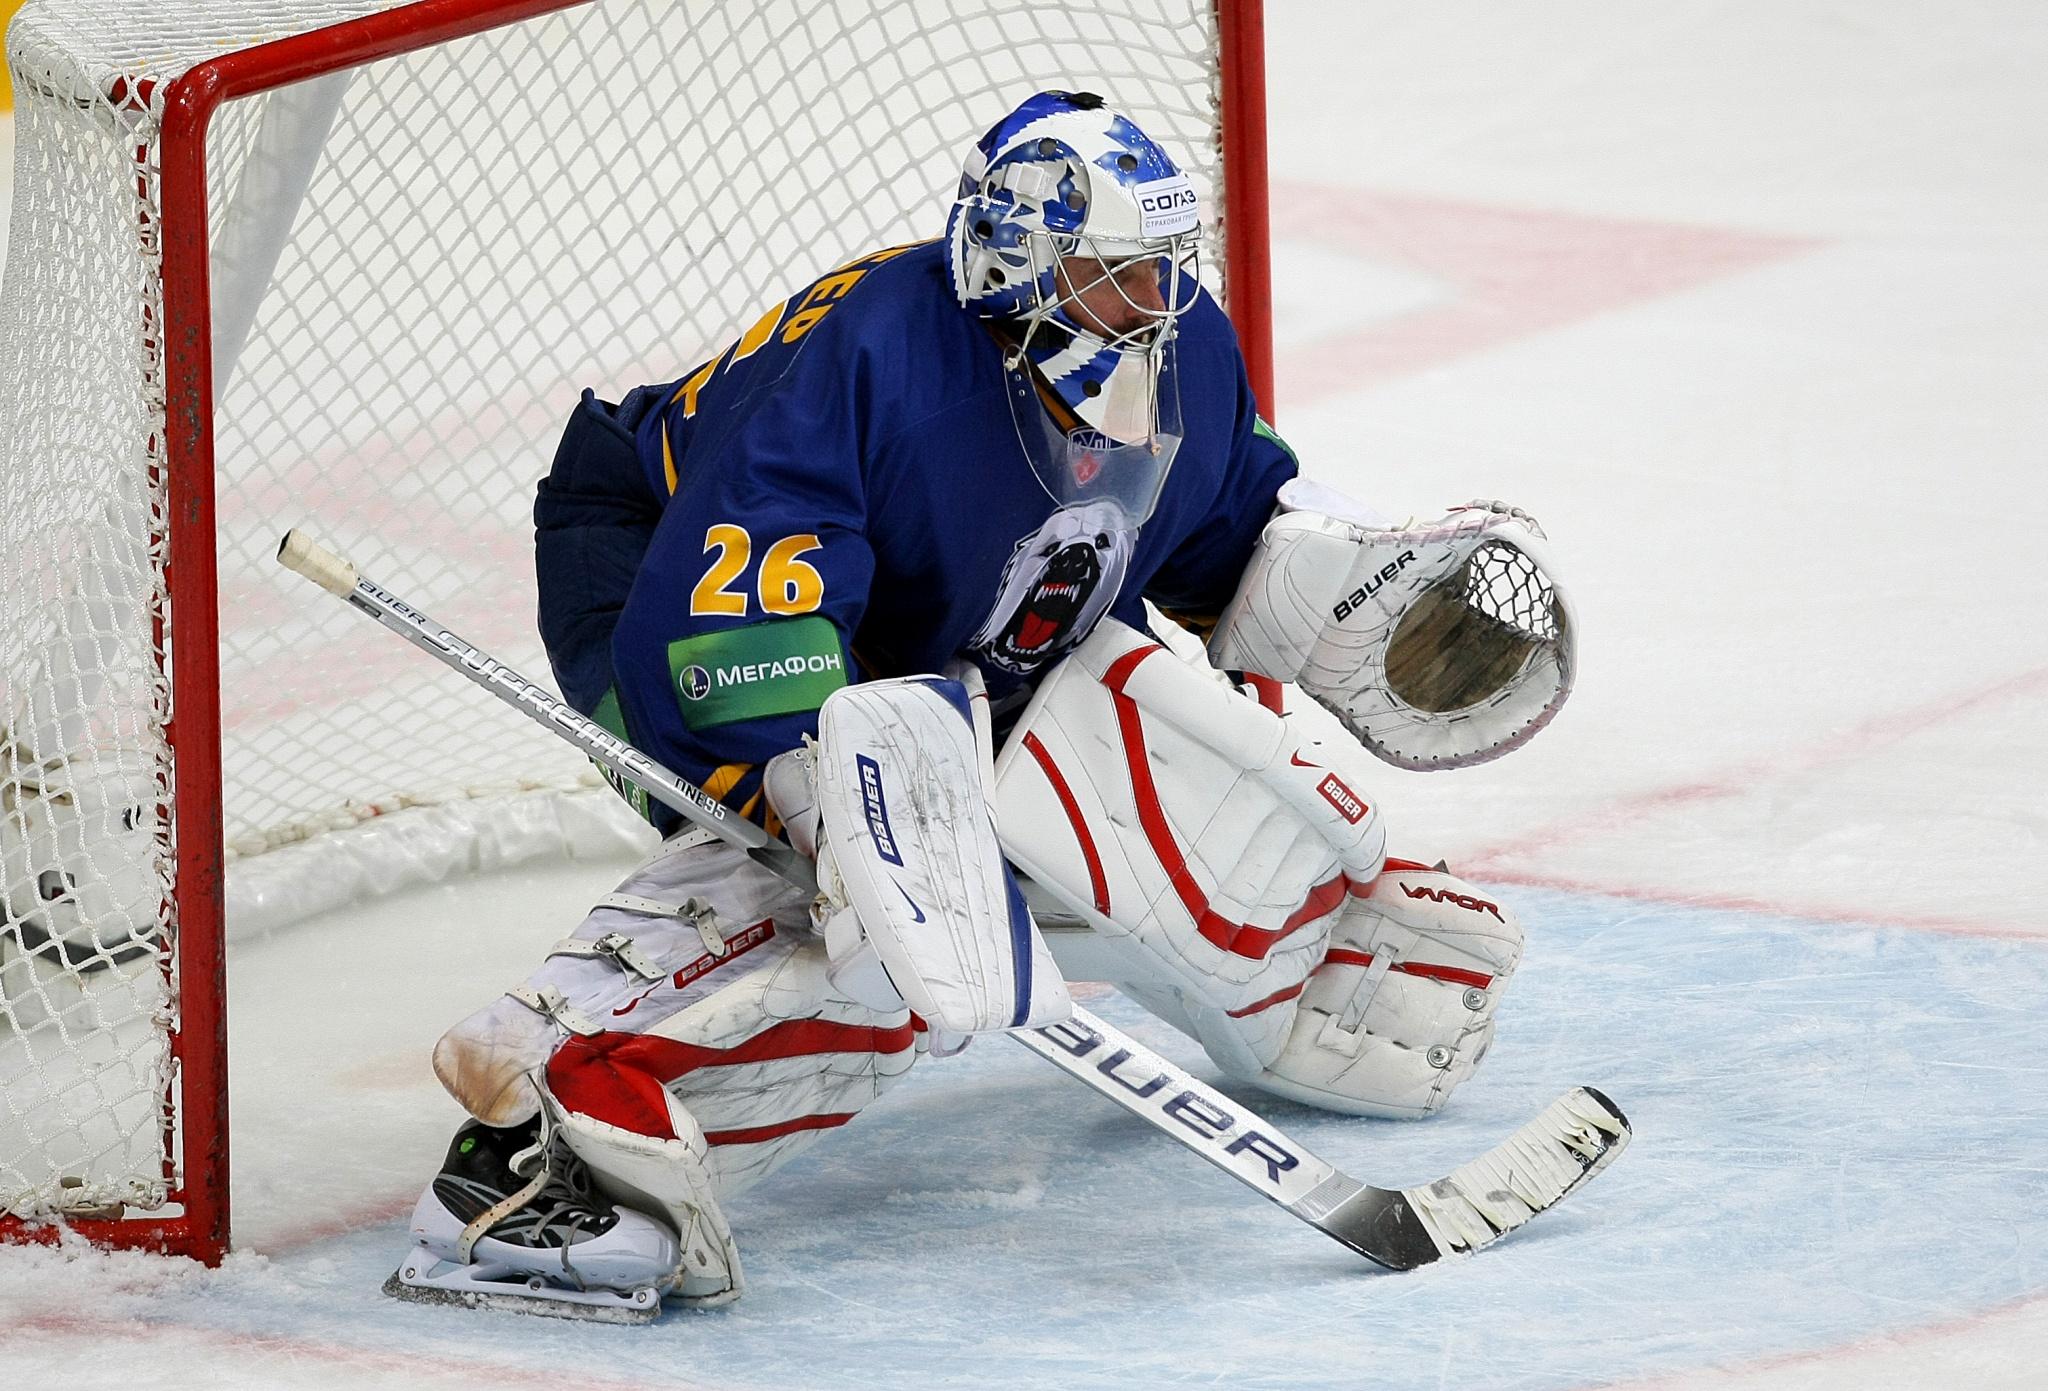 KHL: Martin Gerber – The League's First Swiss Player